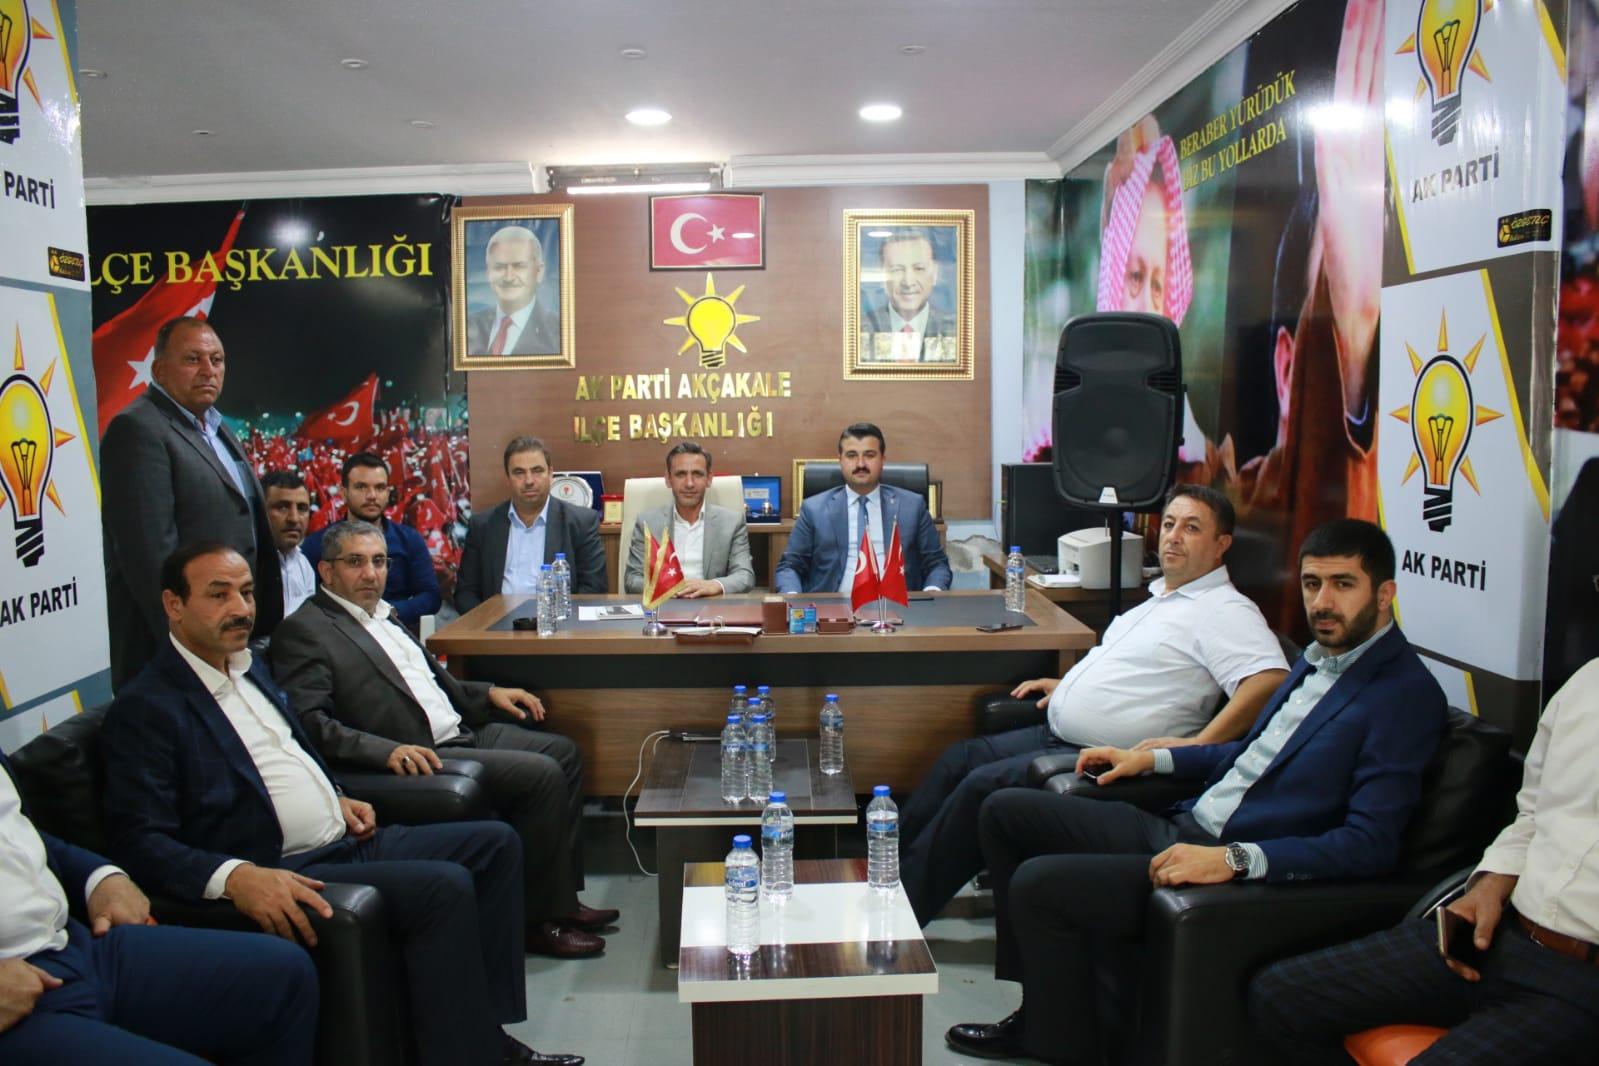 Başkan Yıldız Yerel Seçimler Öncesi Harran ve Akçakale'yi Ziyaret